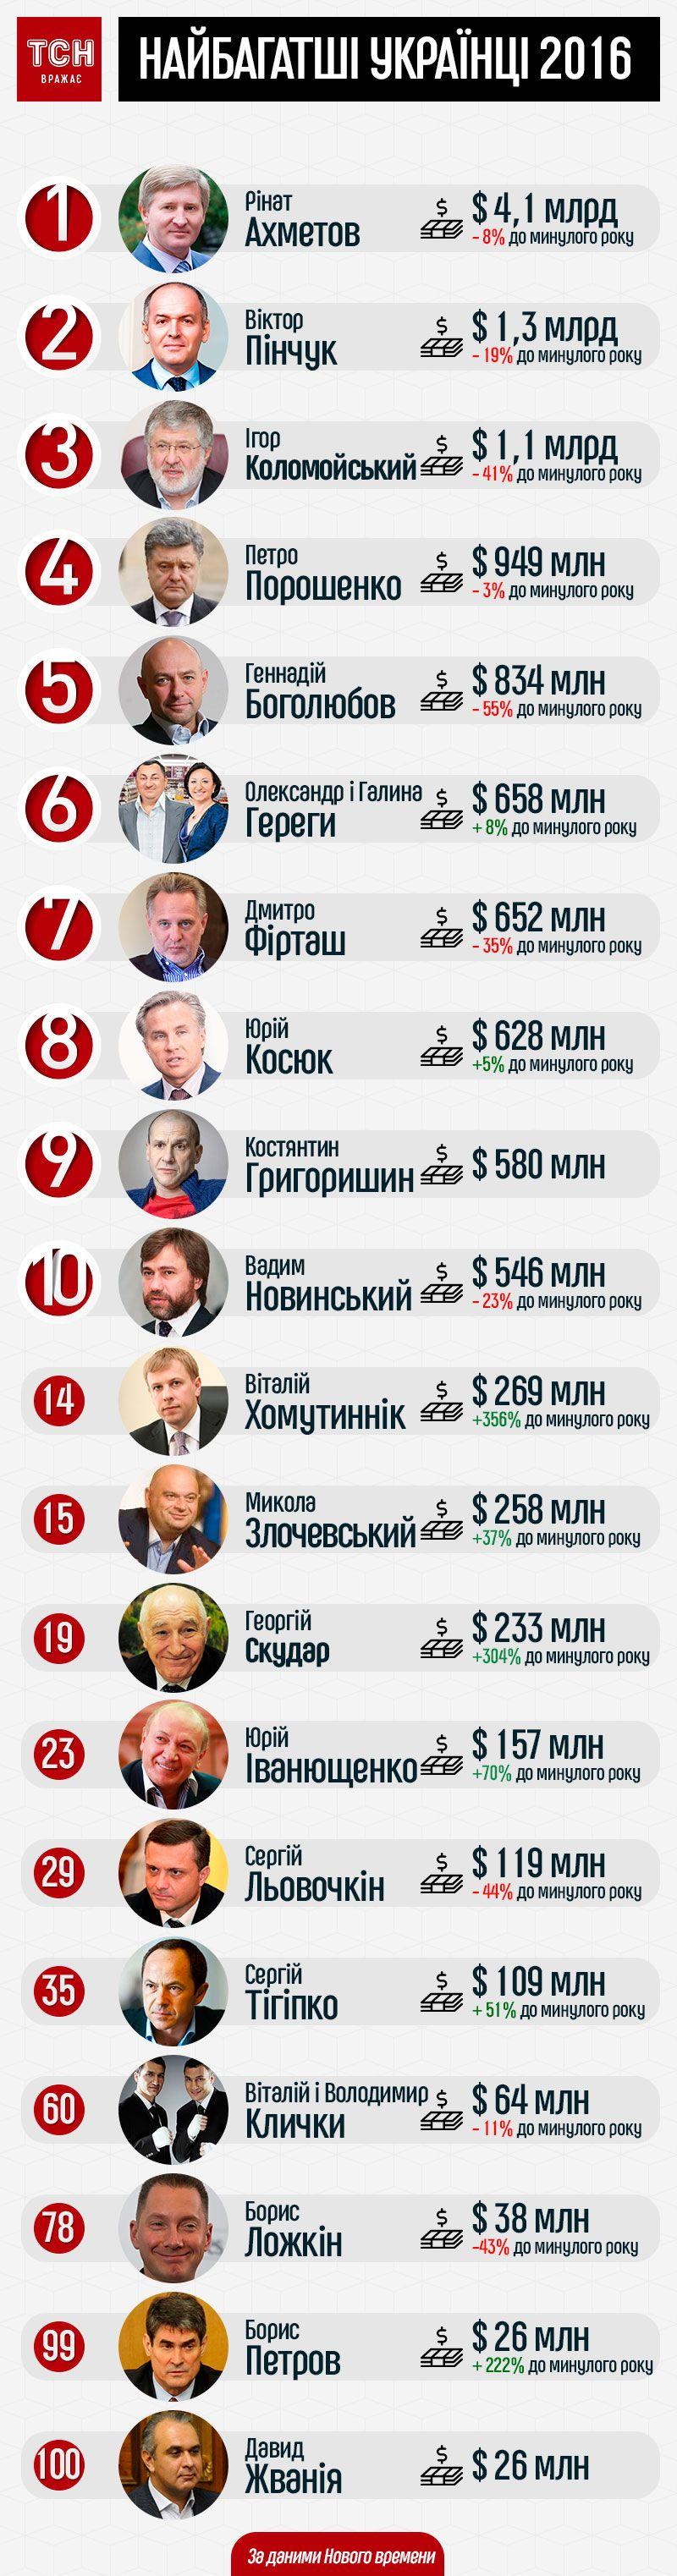 Майже мільярдер Порошенко та незмінний Ахметов: ТОП-100 найбагатших українців. Інфографіка